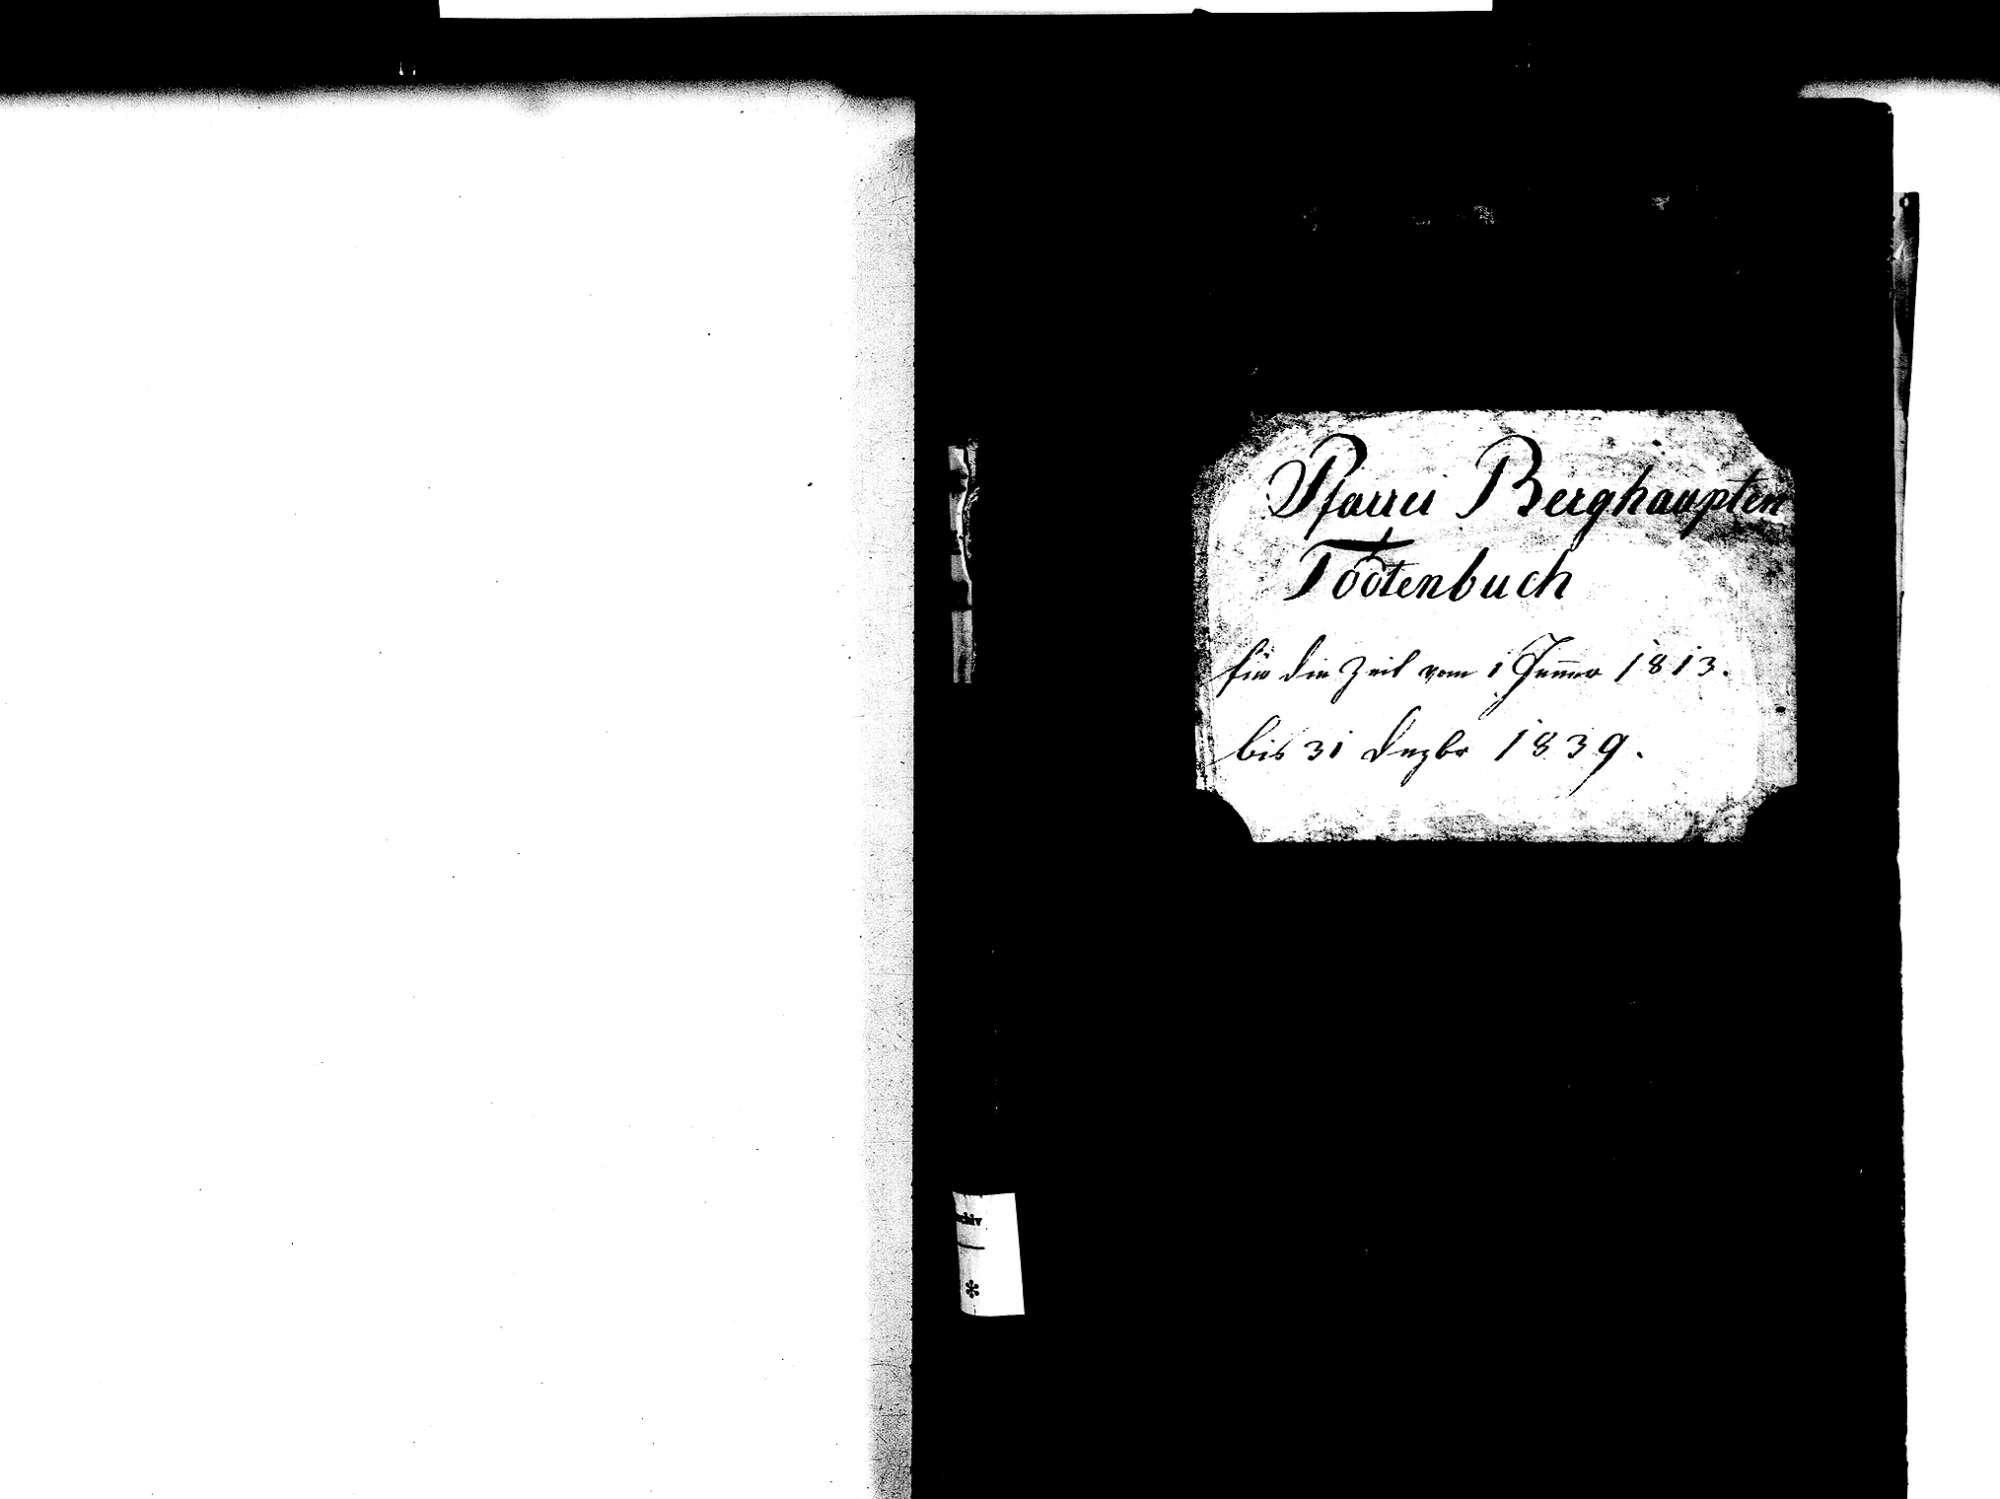 Berghaupten OG; Katholische Gemeinde: Sterbebuch 1813-1839 Enthält: Einzelne Evangelische Einträge, Bild 2